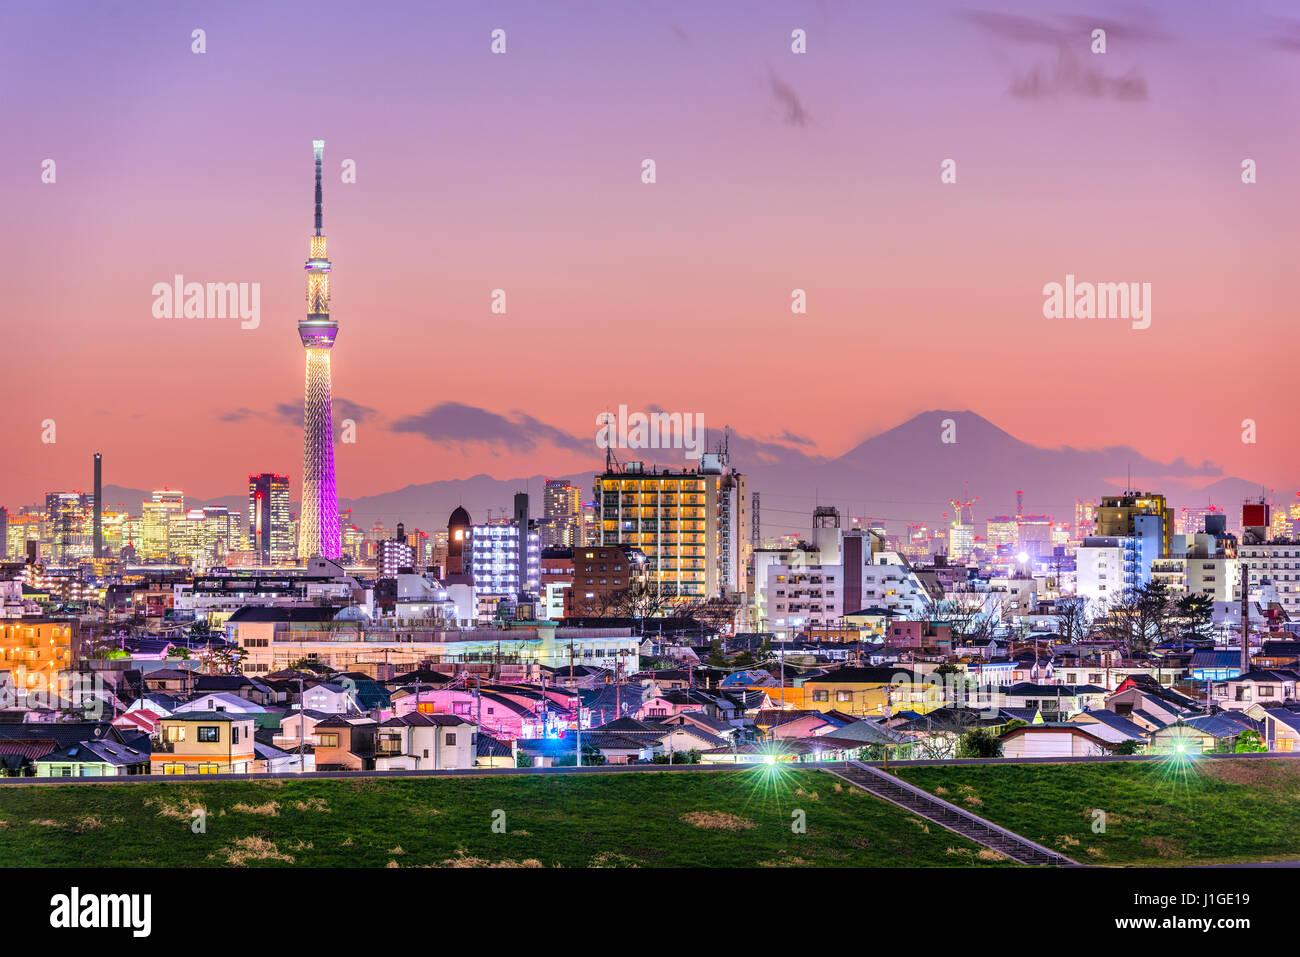 Tokyo, Giappone skyline con Mt. Fuji e la Torre Skytree. Foto Stock